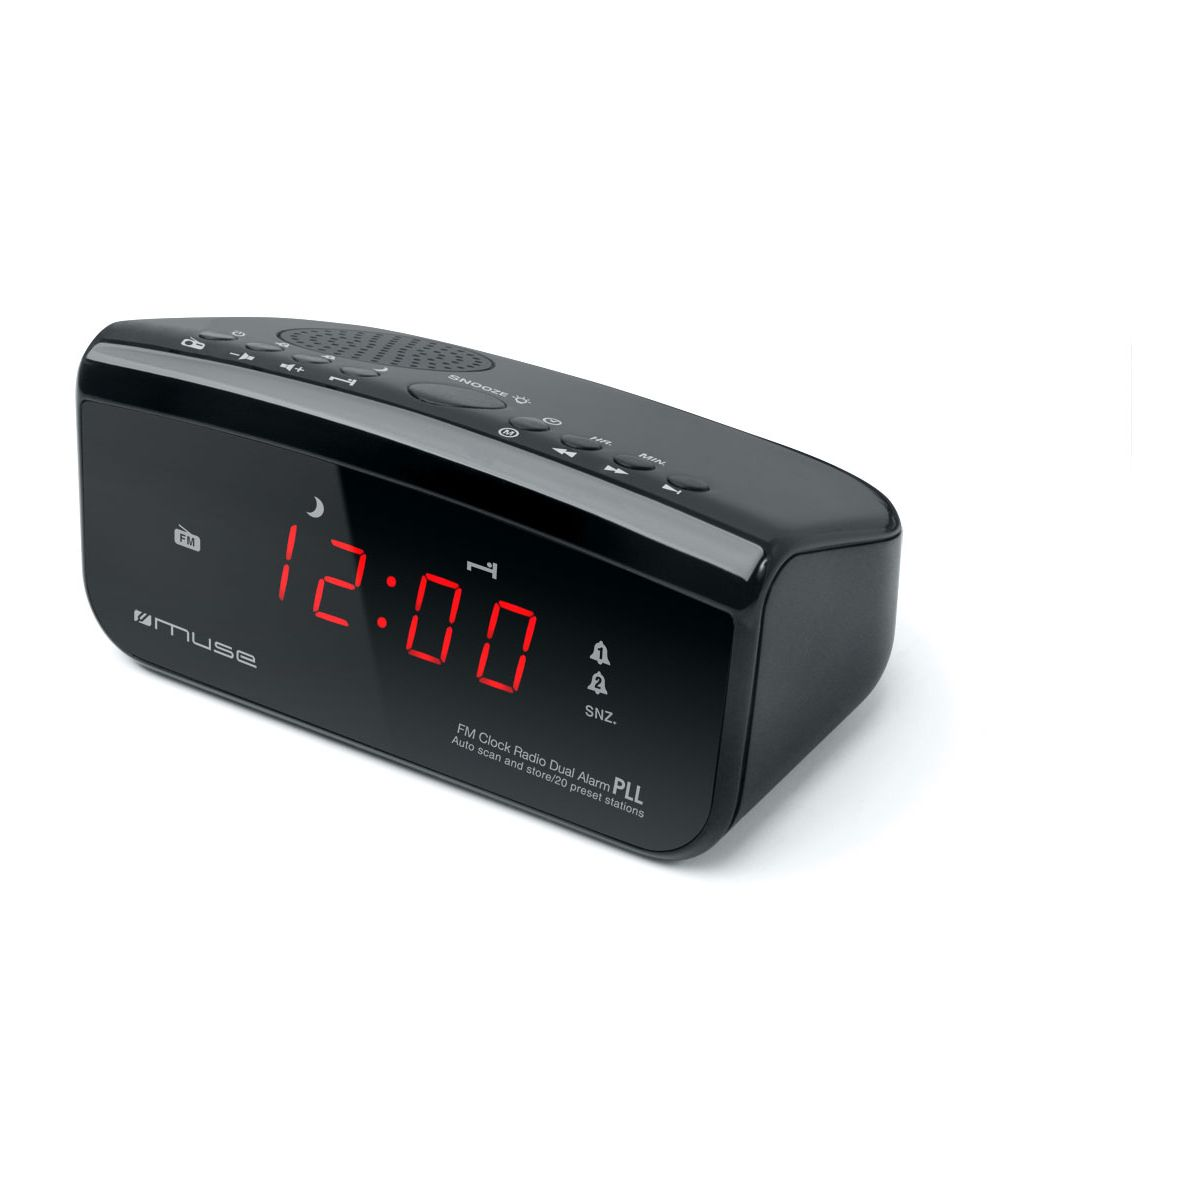 Radio-réveil muse m-12 cr - 7% de remise immédiate avec le code : multi7 (photo)